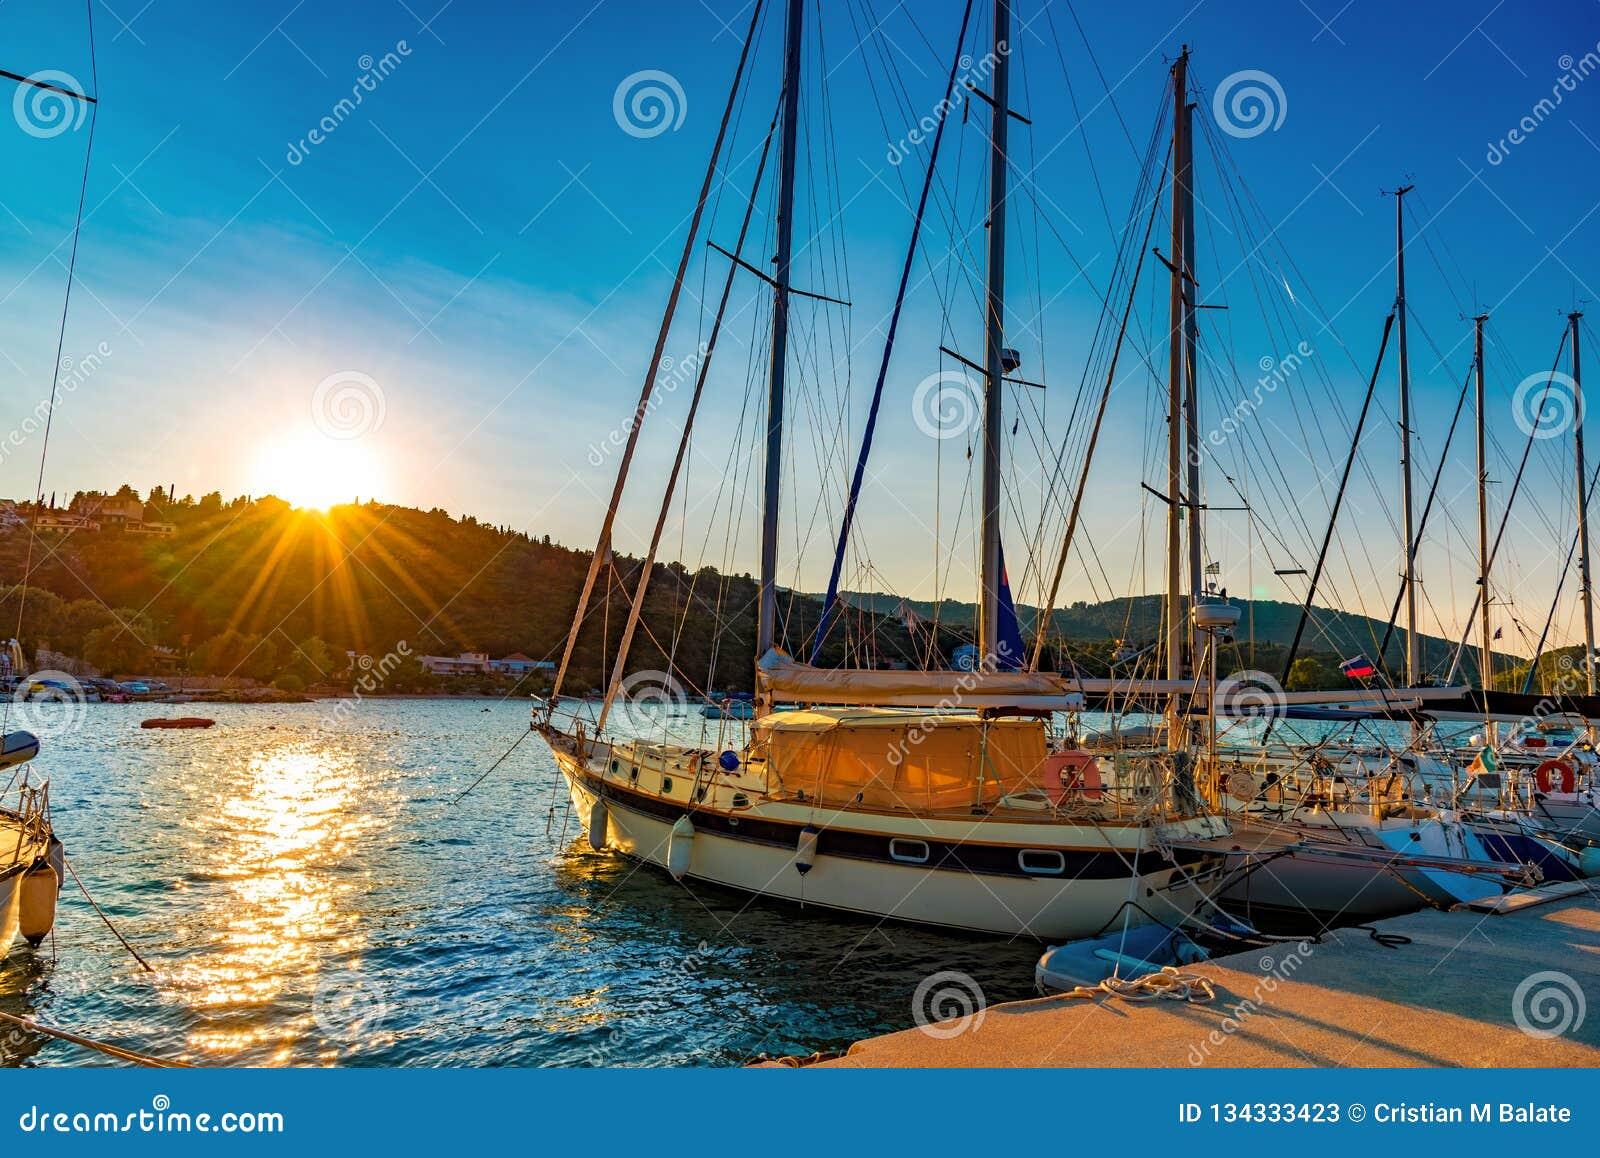 Port de Nydri, bateaux à voile grecs traditionnels à Leucade